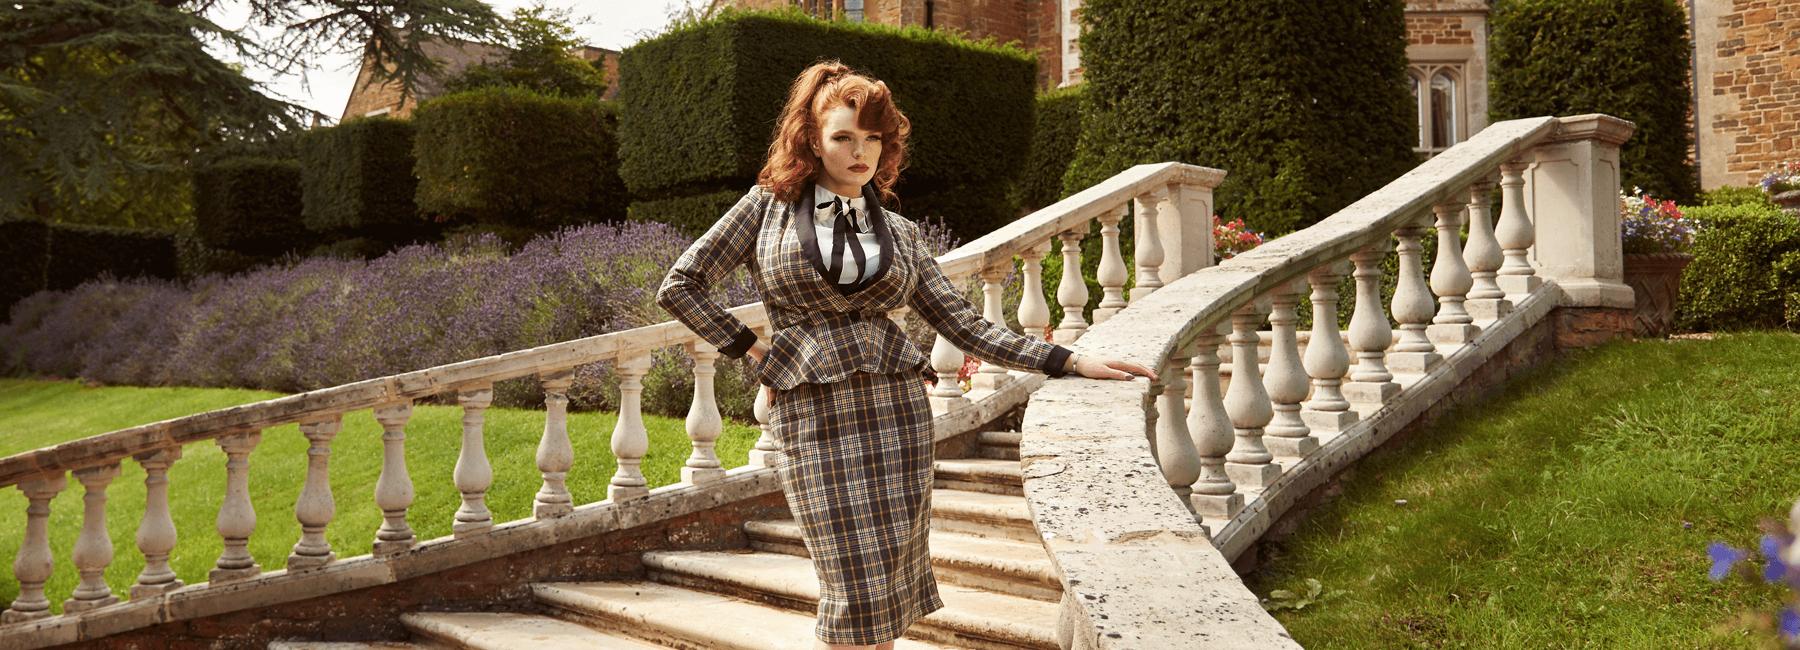 Sie möchten den Vintage-Stil auch im Job nicht missen? Dann gehört mindestens ein Retro-Zweiteiler in den Kleiderschrank. Mit der eleganten Kombination aus Blazer und Rock sind echte 1950er- und 60er-Ladies auch im 21. Jahrhundert jederzeit gut angezogen.